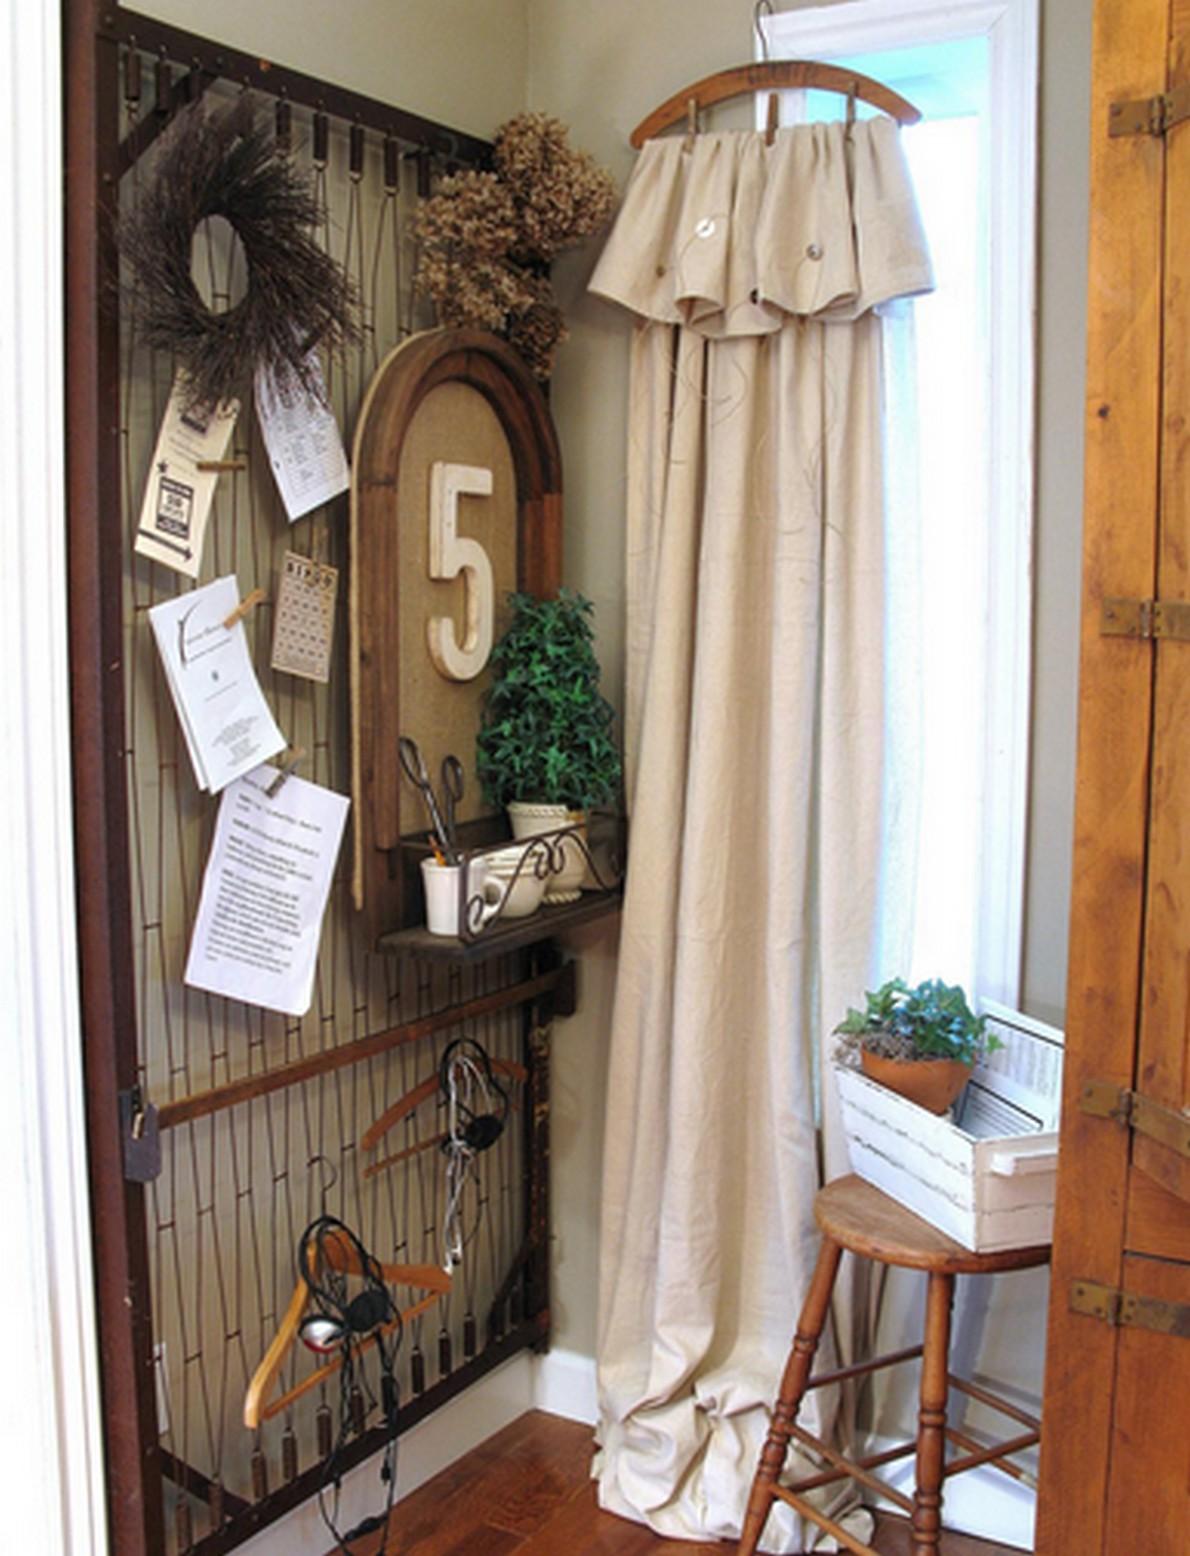 Come riciclare vecchi mobili per dare un tocco vintage alla casa fotogallery idealista news - Riciclare tutto in casa ...